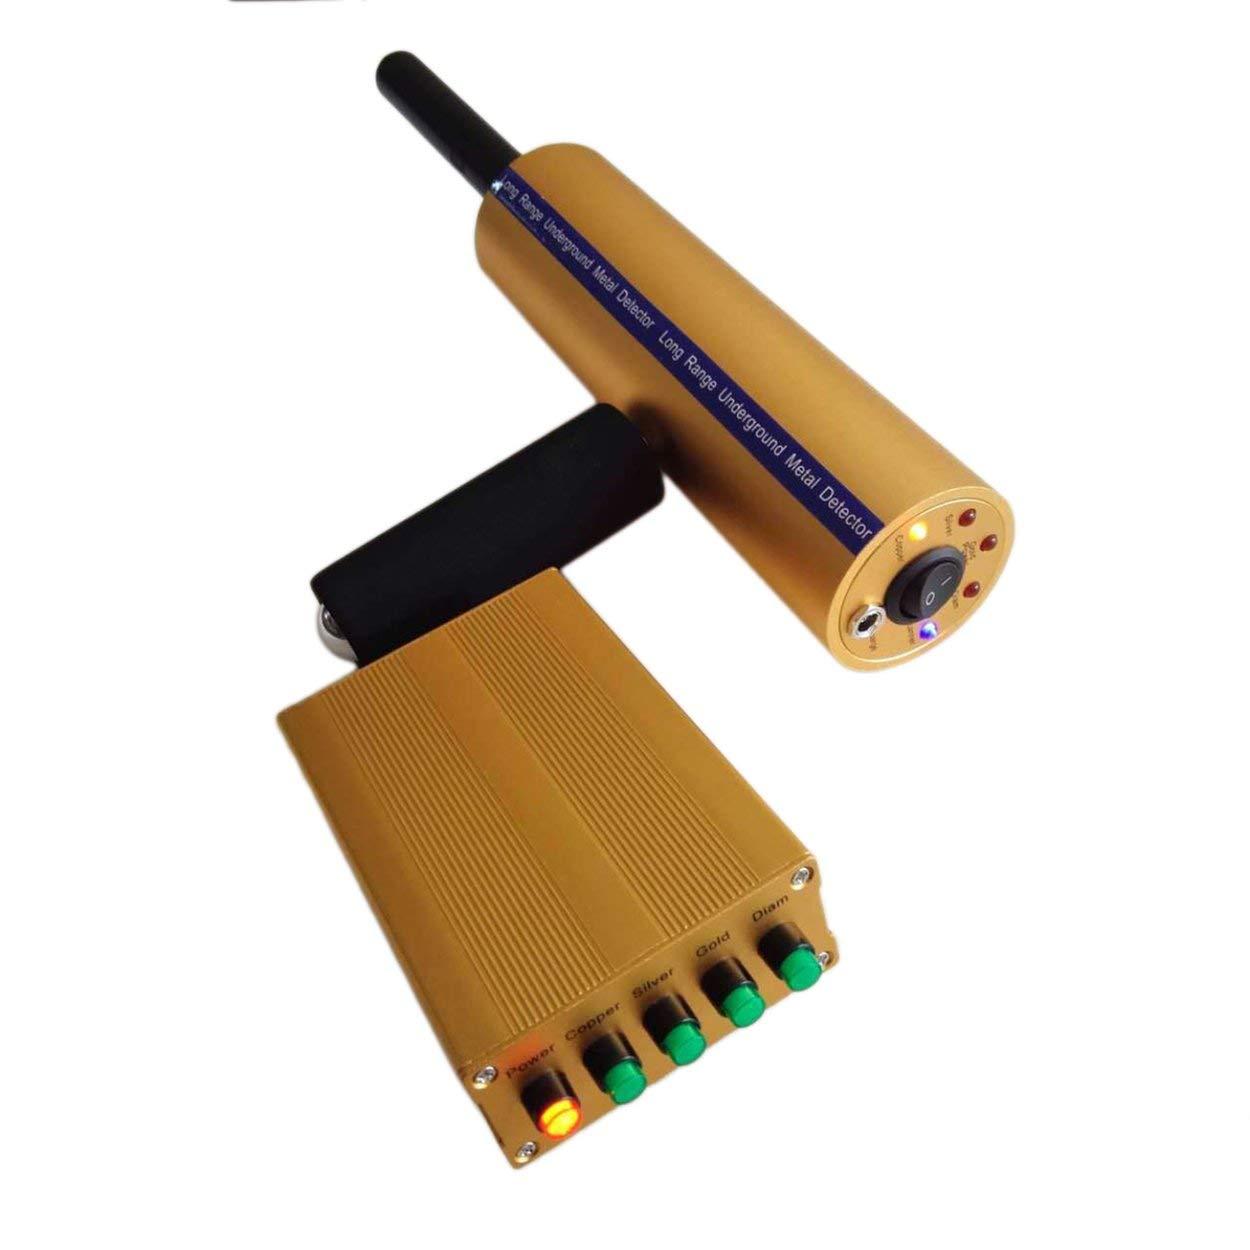 Detector de Metales Profesional con Pantalla LCD de Mano, Herramienta de búsqueda Profunda Sensible y Plegable para Cazador de luz Dorada: Amazon.es: Jardín